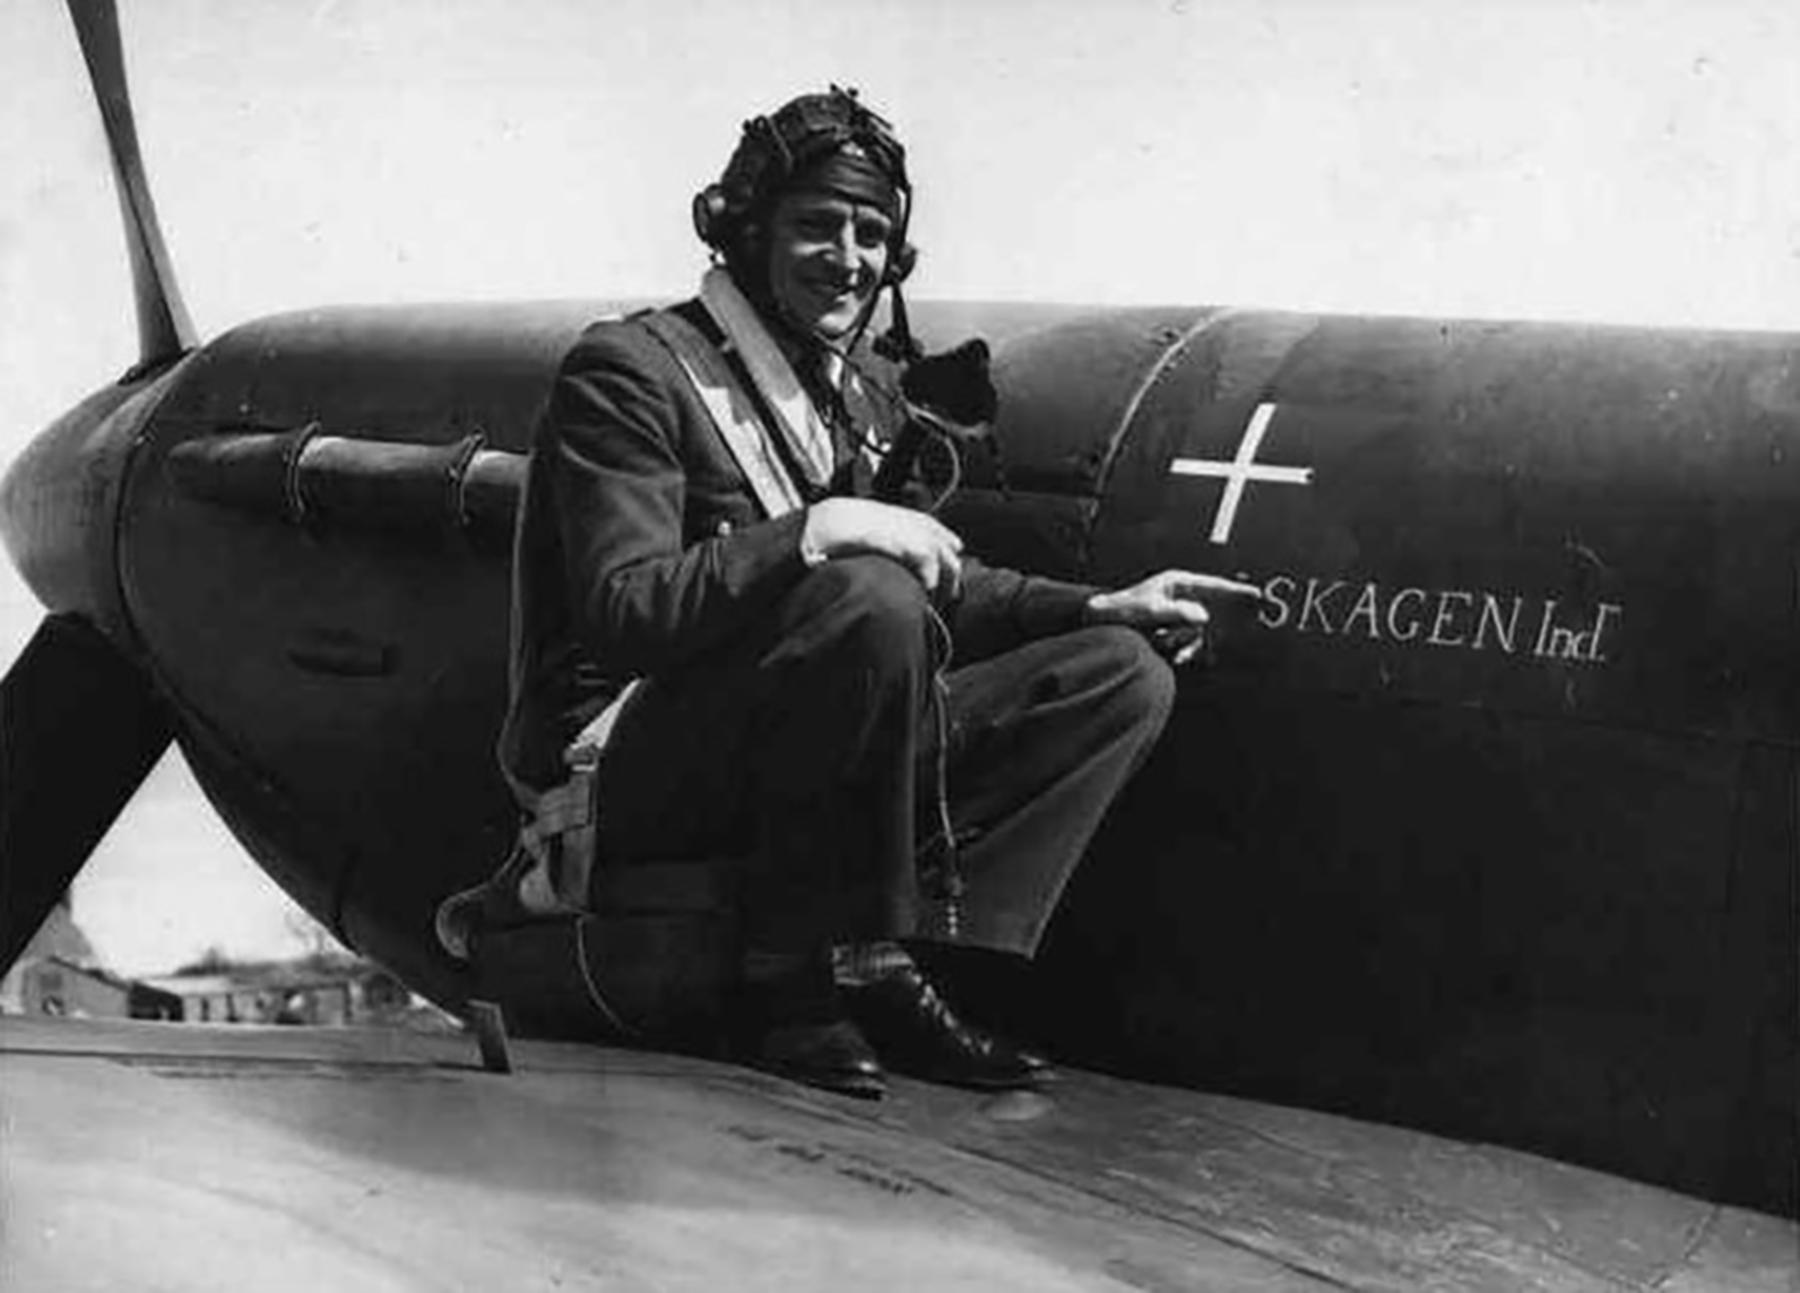 Spitfire MkVb RAF 234Sqn AZG Aksel Svendsen named Skagen Ind BL924 Ibsley Apr 1942 01